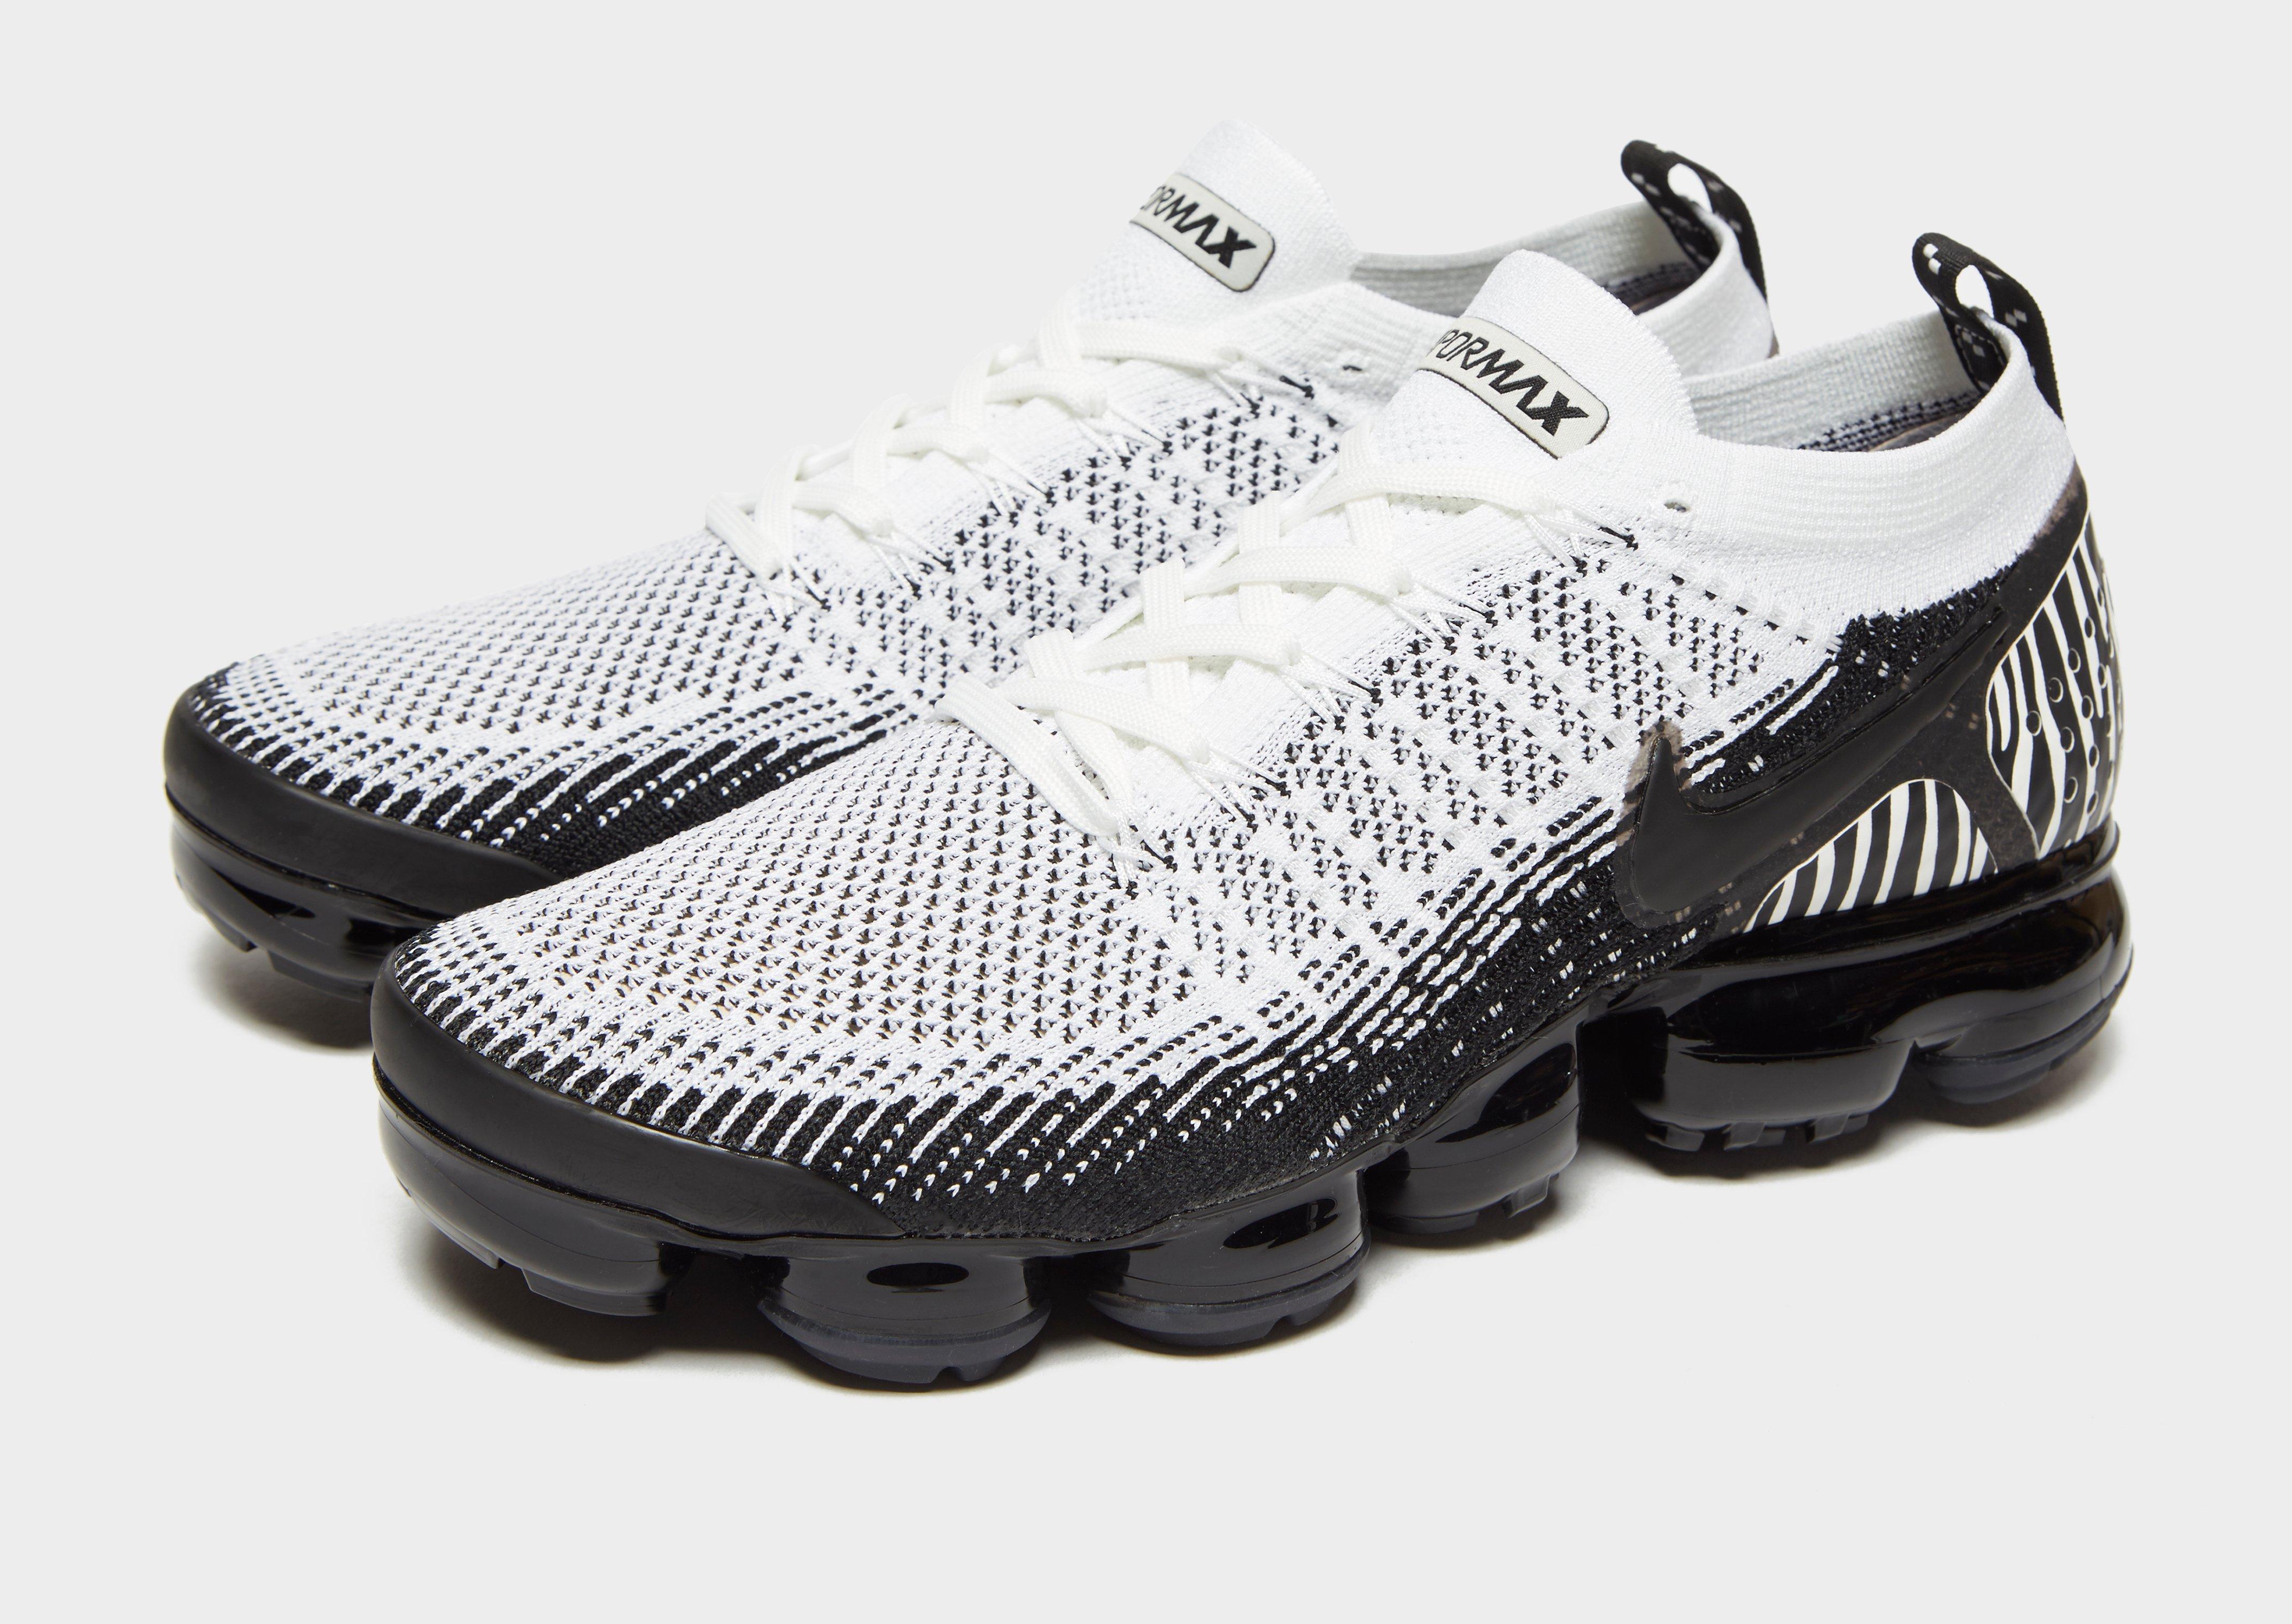 d67387d50a04 Lyst - Nike Air Vapormax Flyknit 2 Zebra for Men nike vapormax flyknit 2  zebra